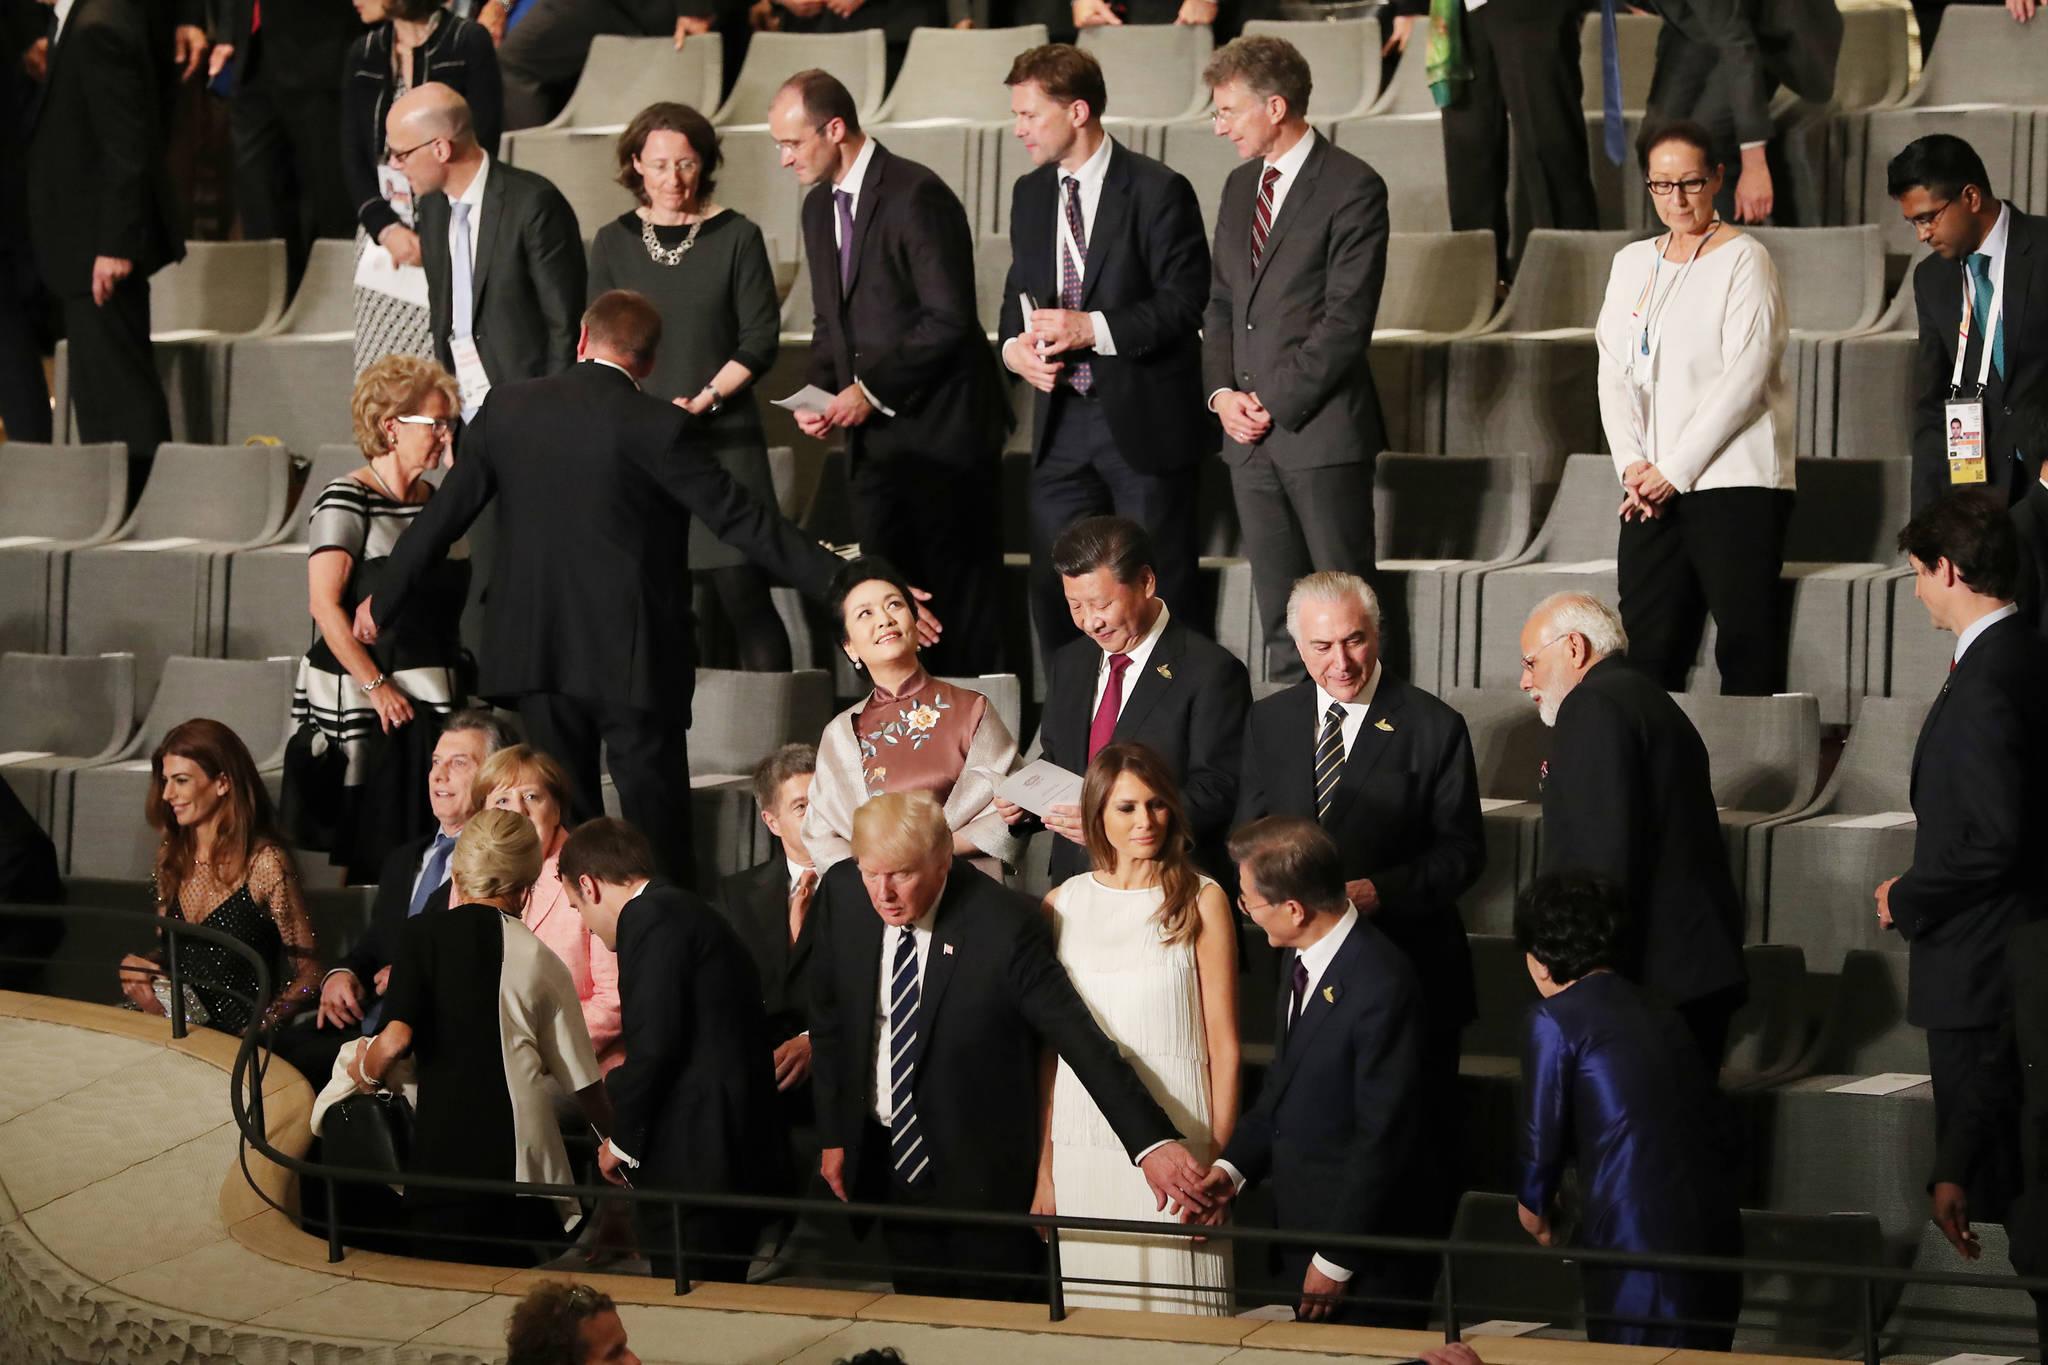 7월 7일 오후(현지시각) 독일 함부르크 엘브필하모니에서 열린 G20정상회의 문화공연장에서 트럼프 미 대통령이 문재인 대통령의 손을 잡아 당기고 있다./청와대사진기자단